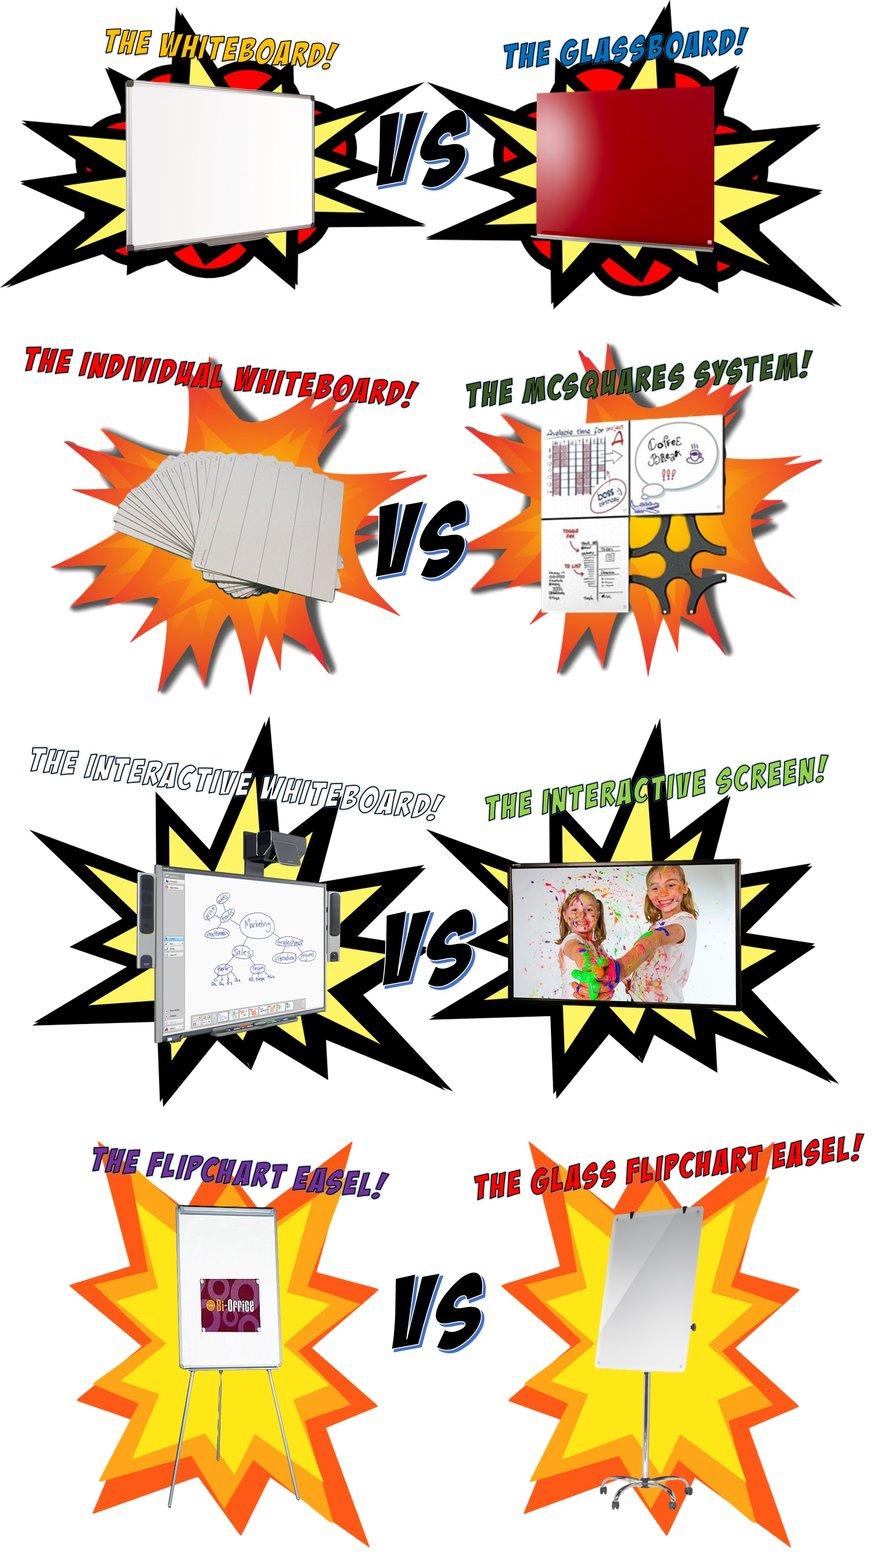 Old vs New - Visual Display